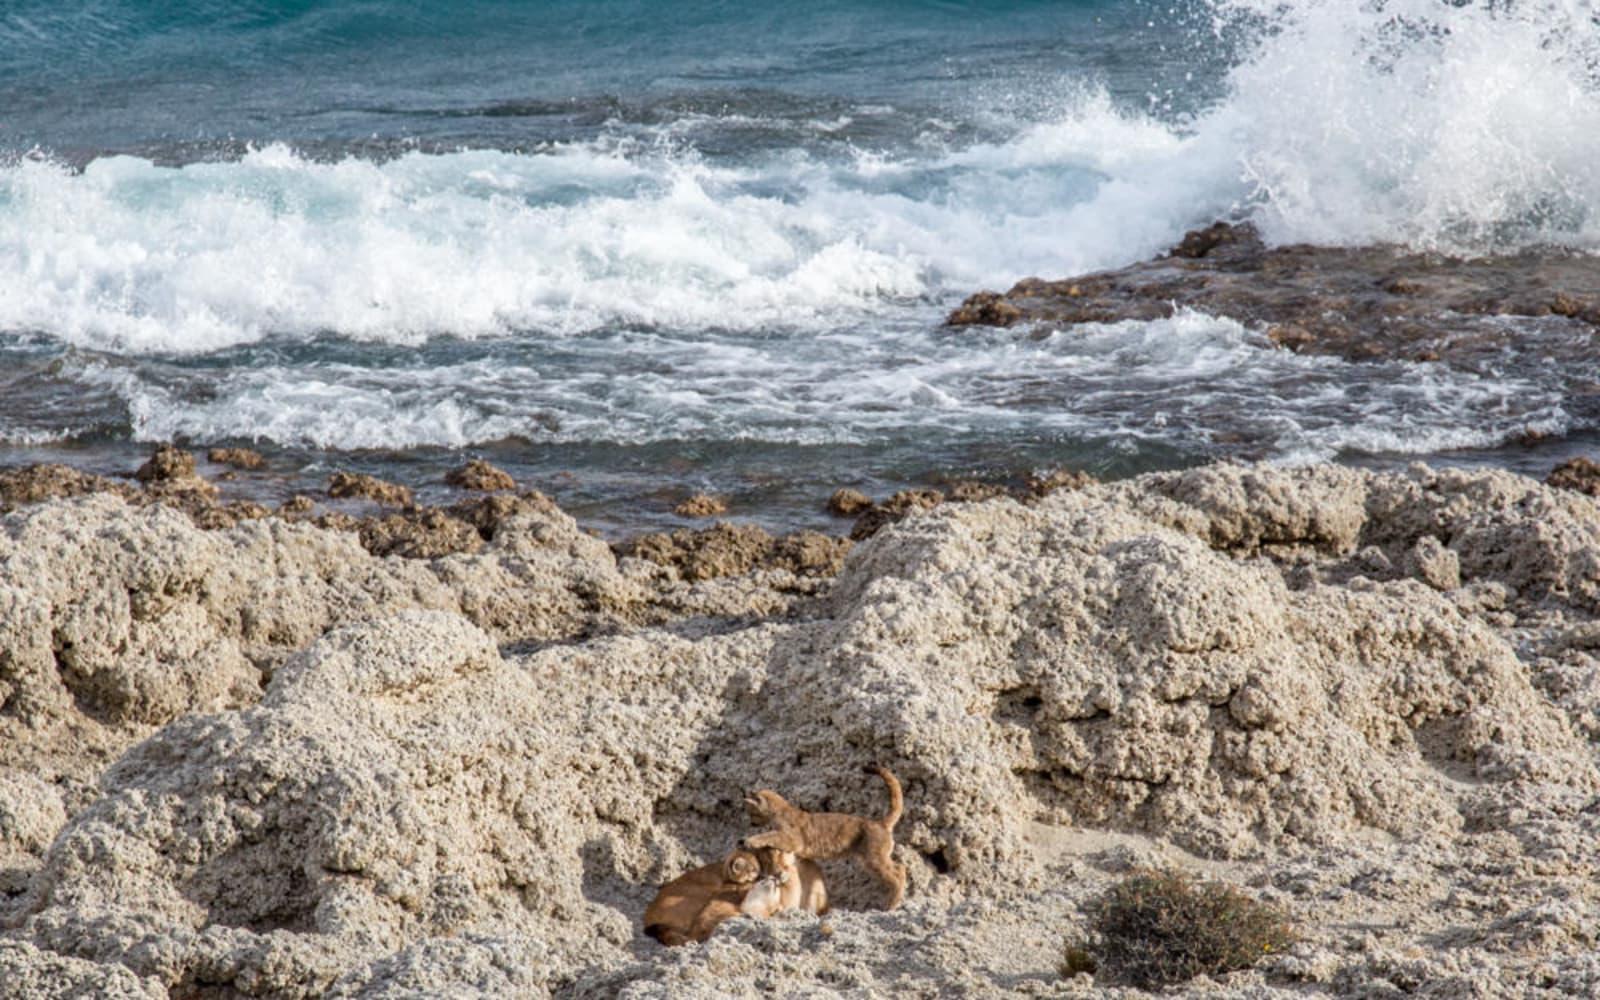 >Puma Family on the Beach